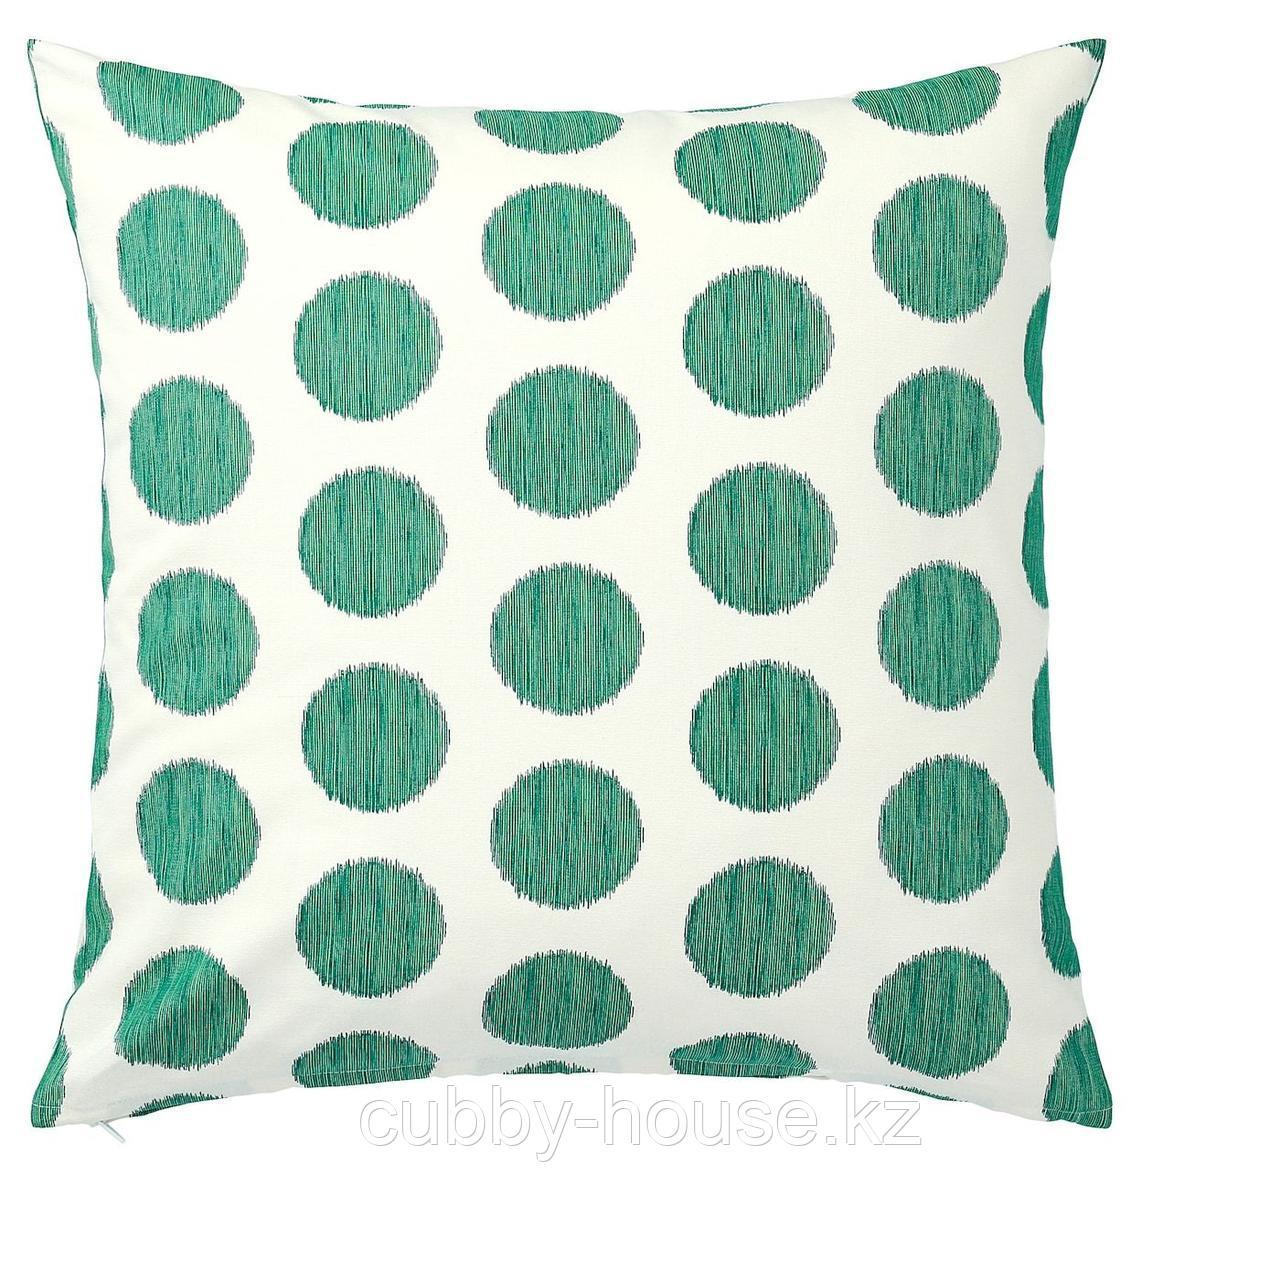 ОСАТИЛЬДА Чехол на подушку, неокрашенный темно-зеленый, точечный, 50x50 см